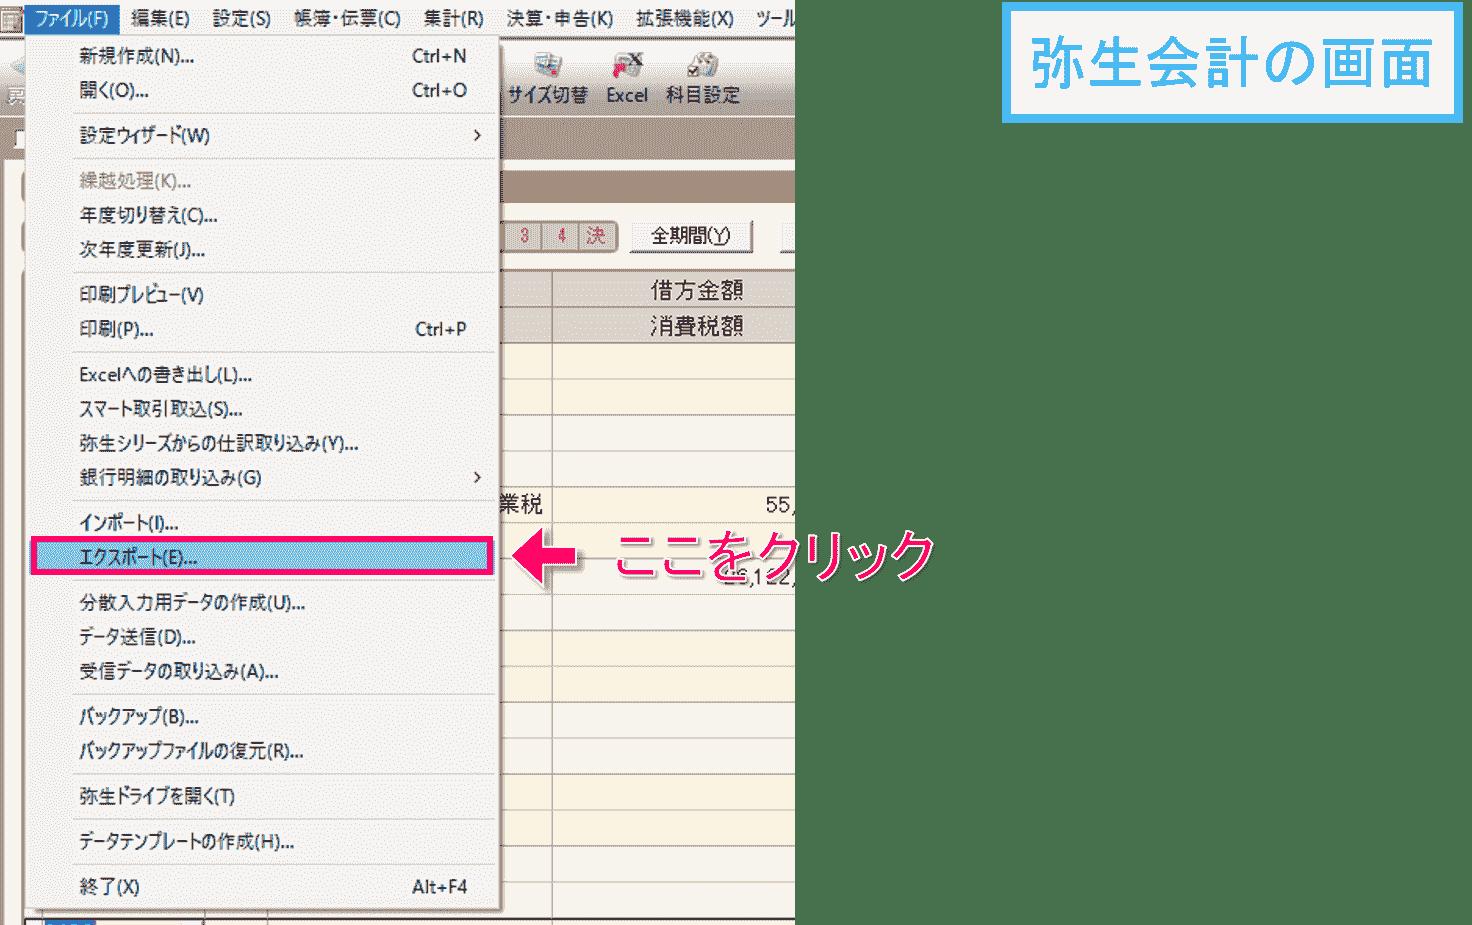 弥生会計の仕訳日記帳画面でデータをエクスポートします。